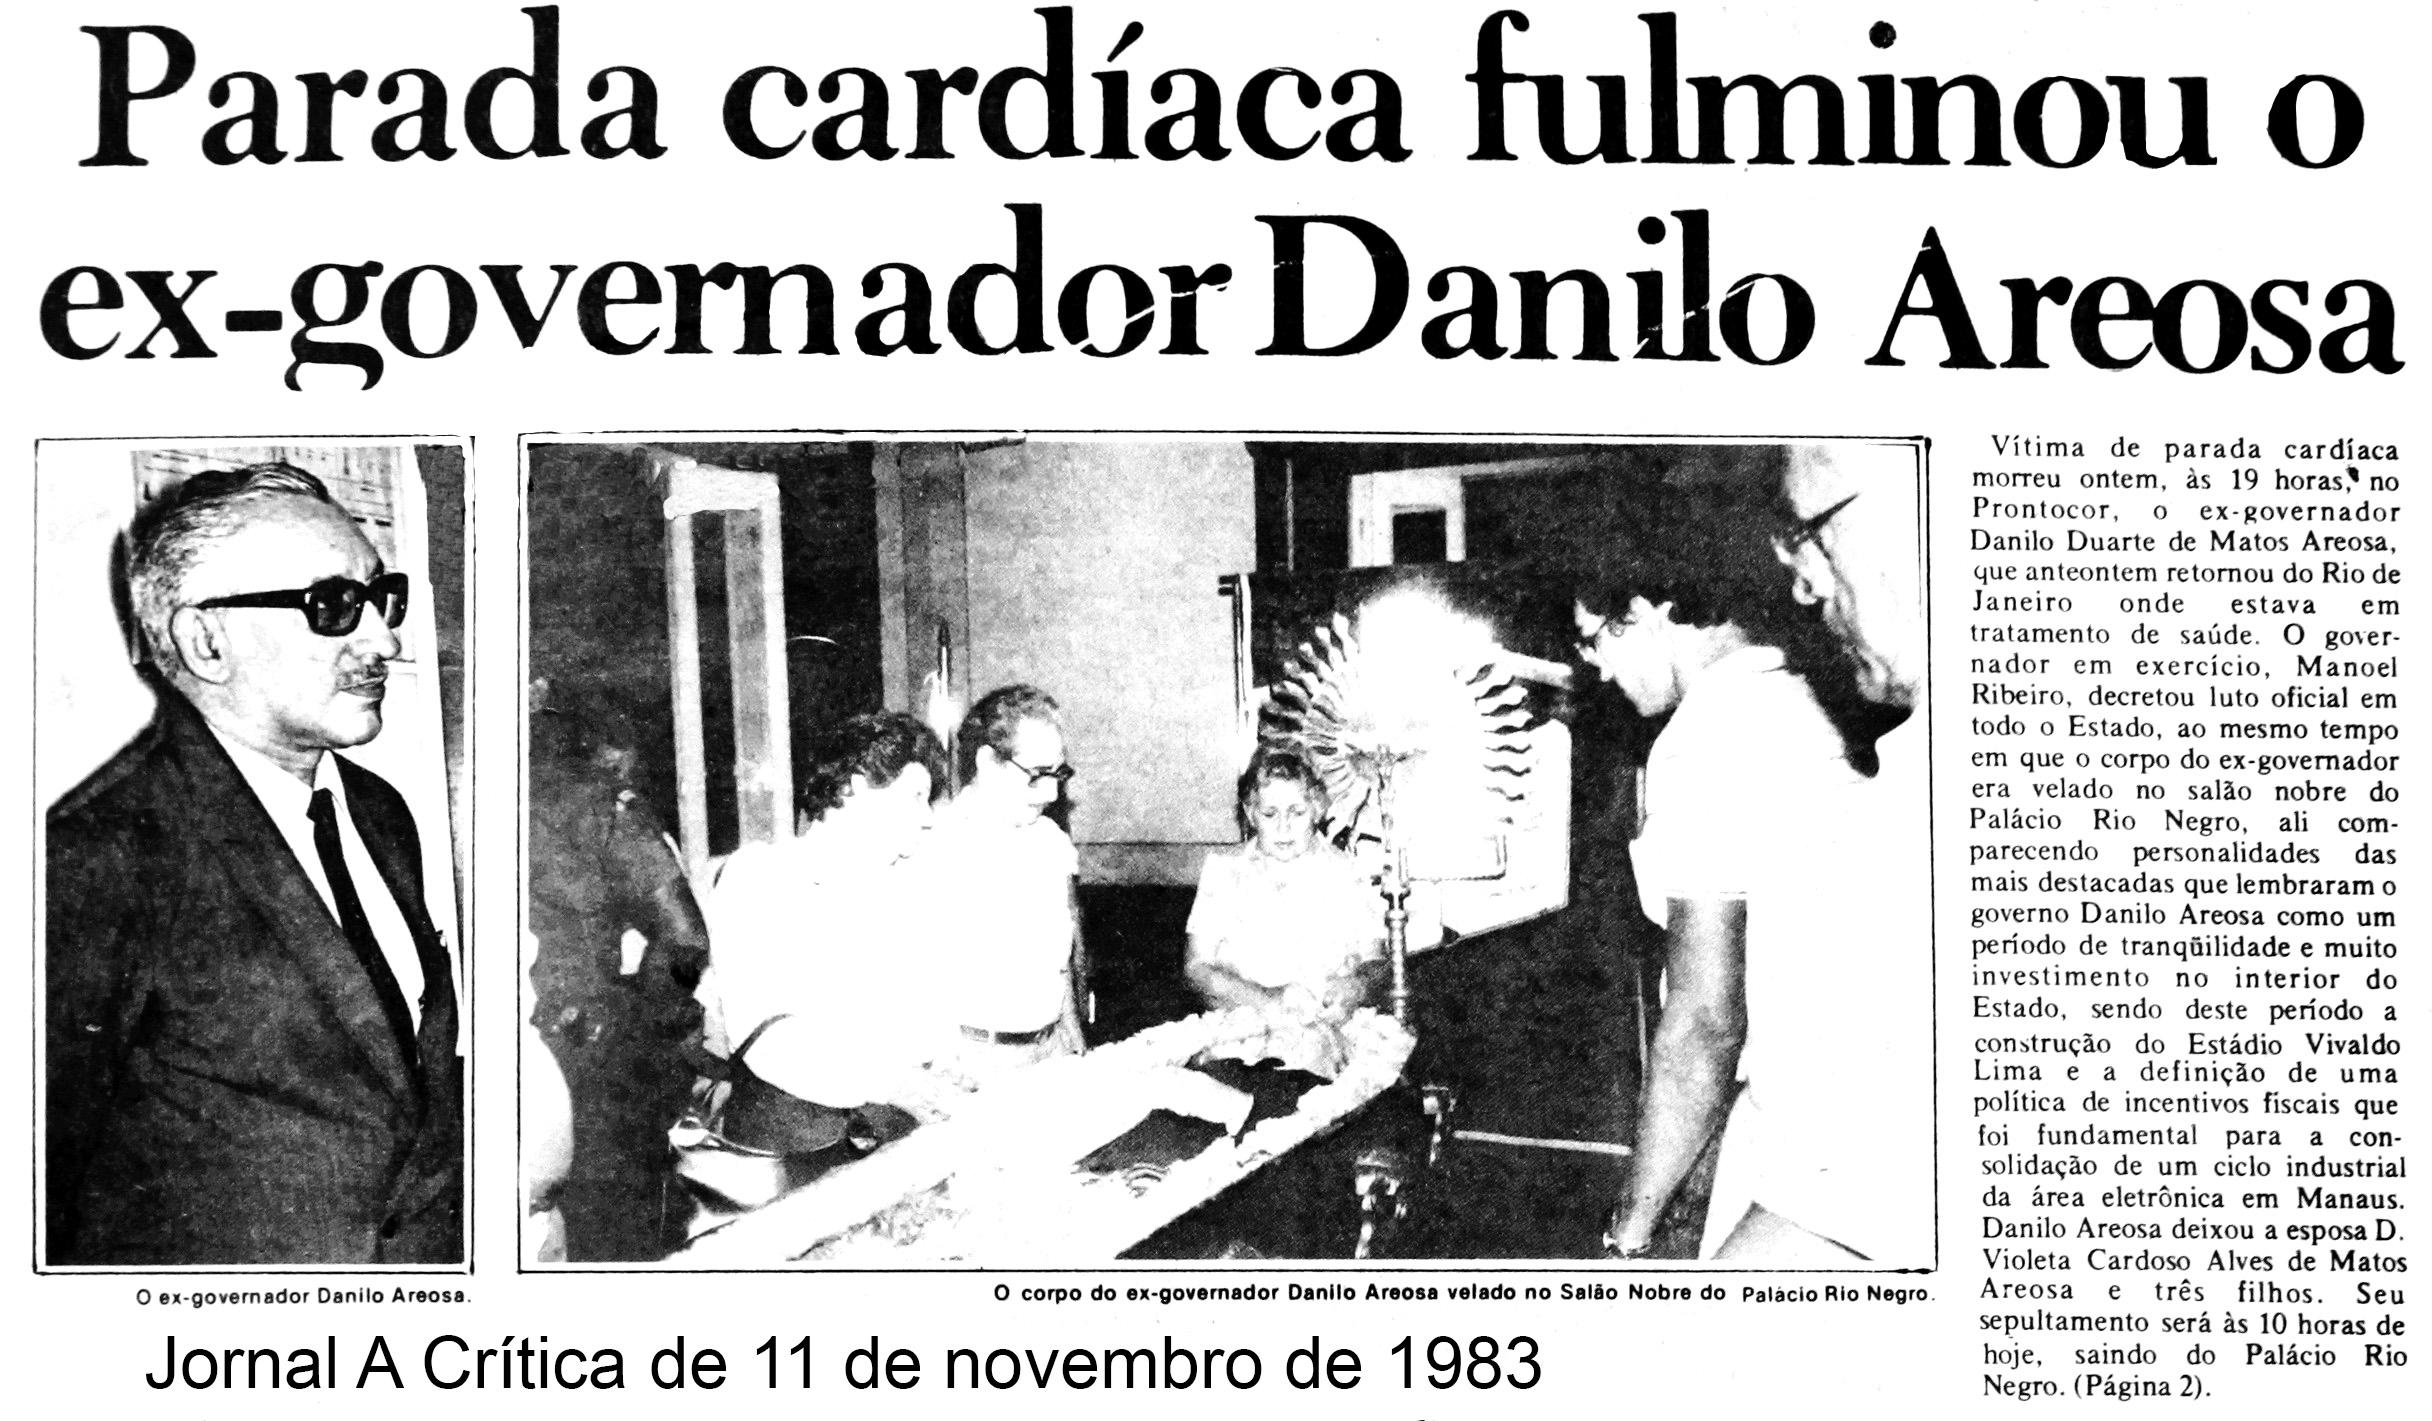 Falecimento de Danilo Areosa